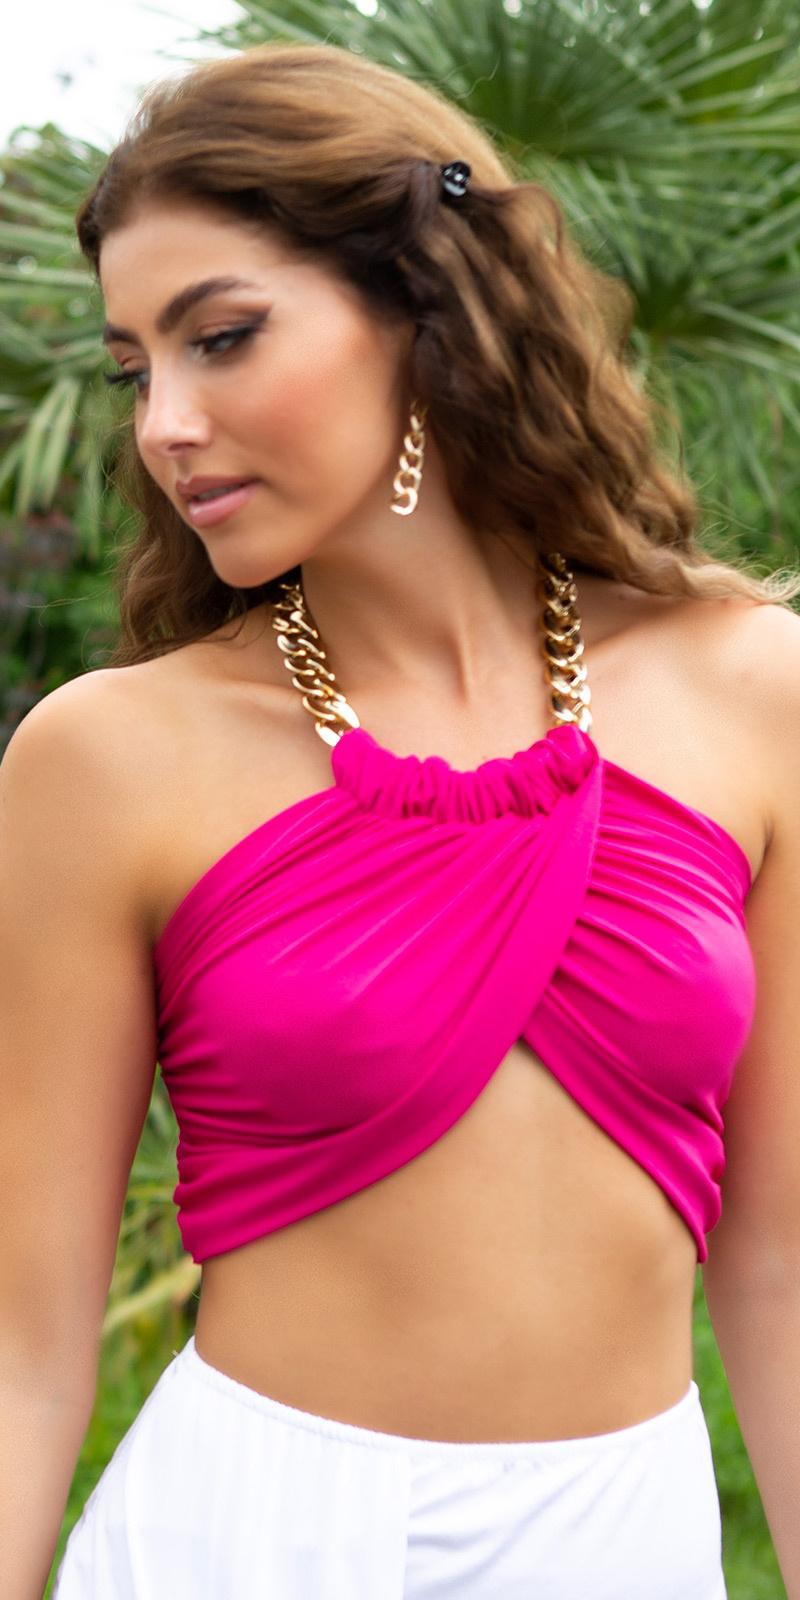 Sexy zomer halter top met ketting roze